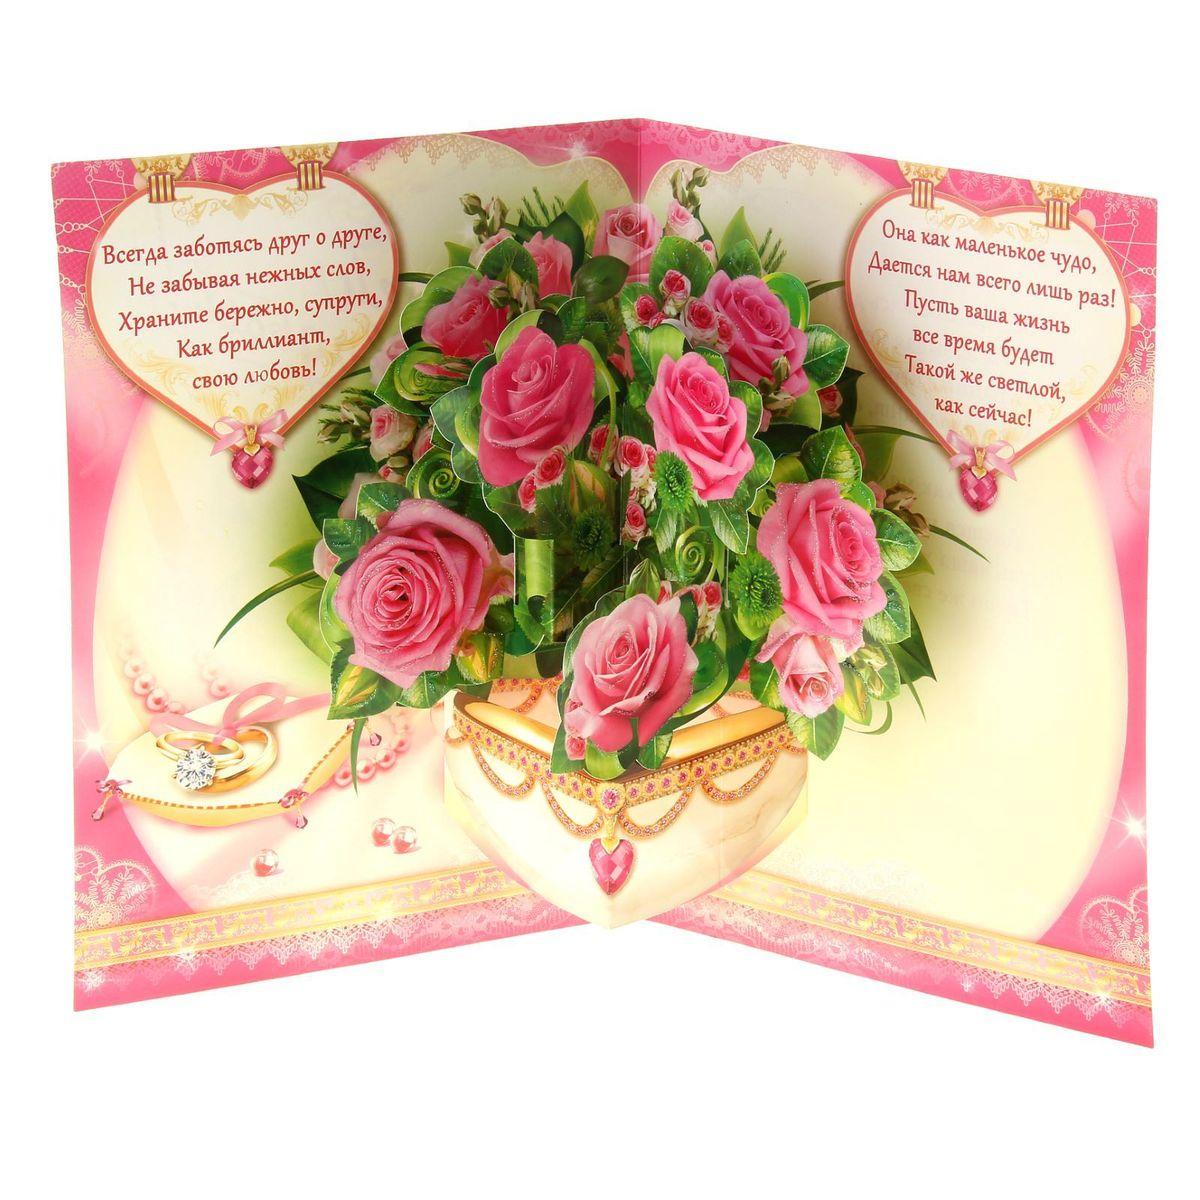 Поздравления с днем свадьбы роз